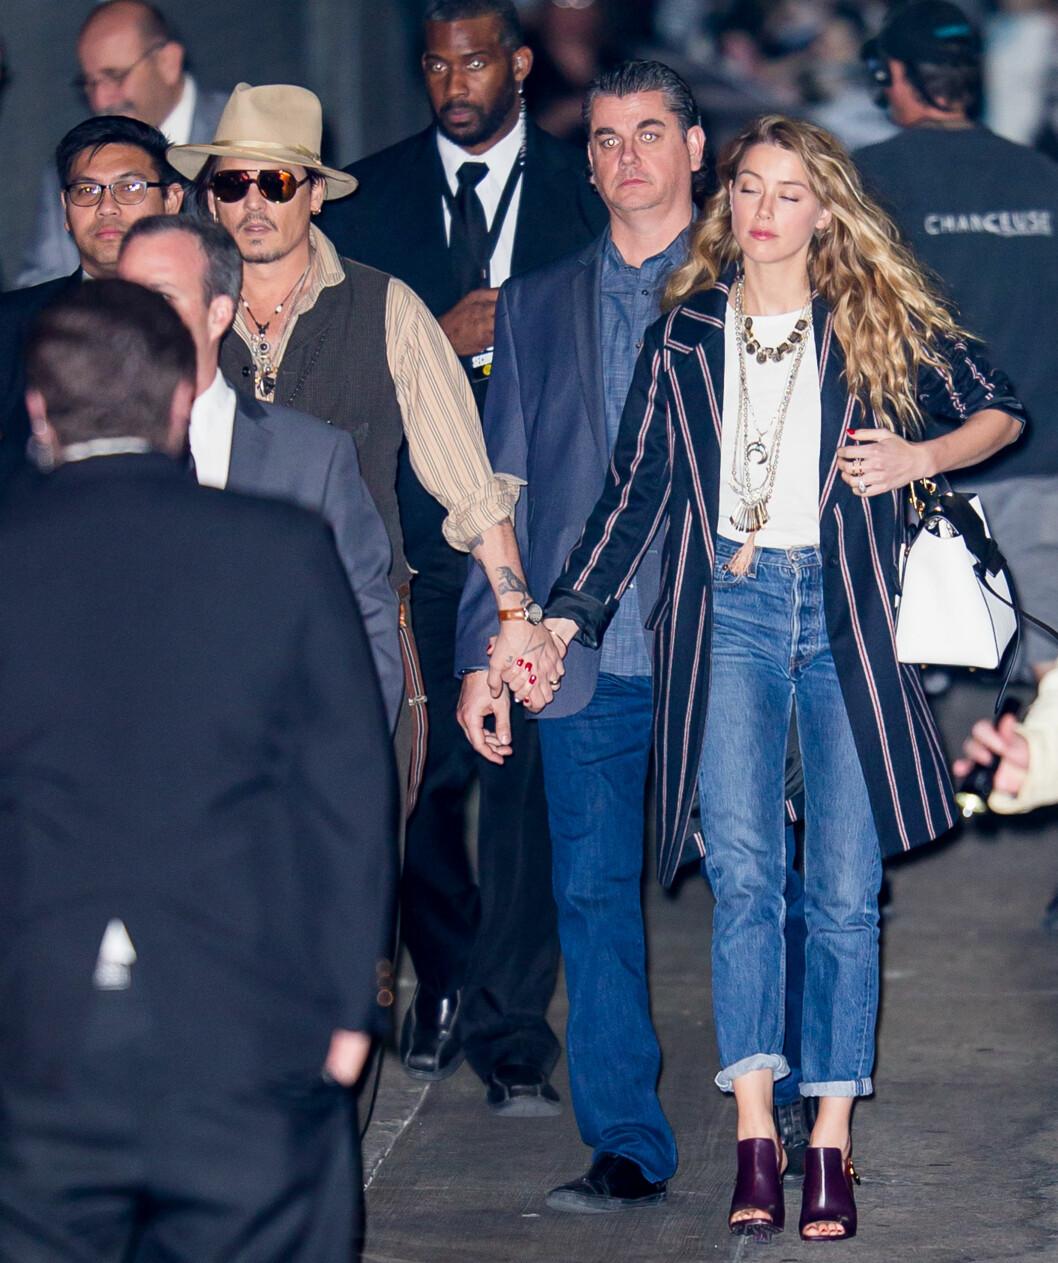 HÅND I HÅND: Johnny Depp og Amber Heard forlot Jimmy Kimmel show hånd i hånd etter flere måneder med bruddrykter. Foto: VIPix / Splash News/ All Over Press